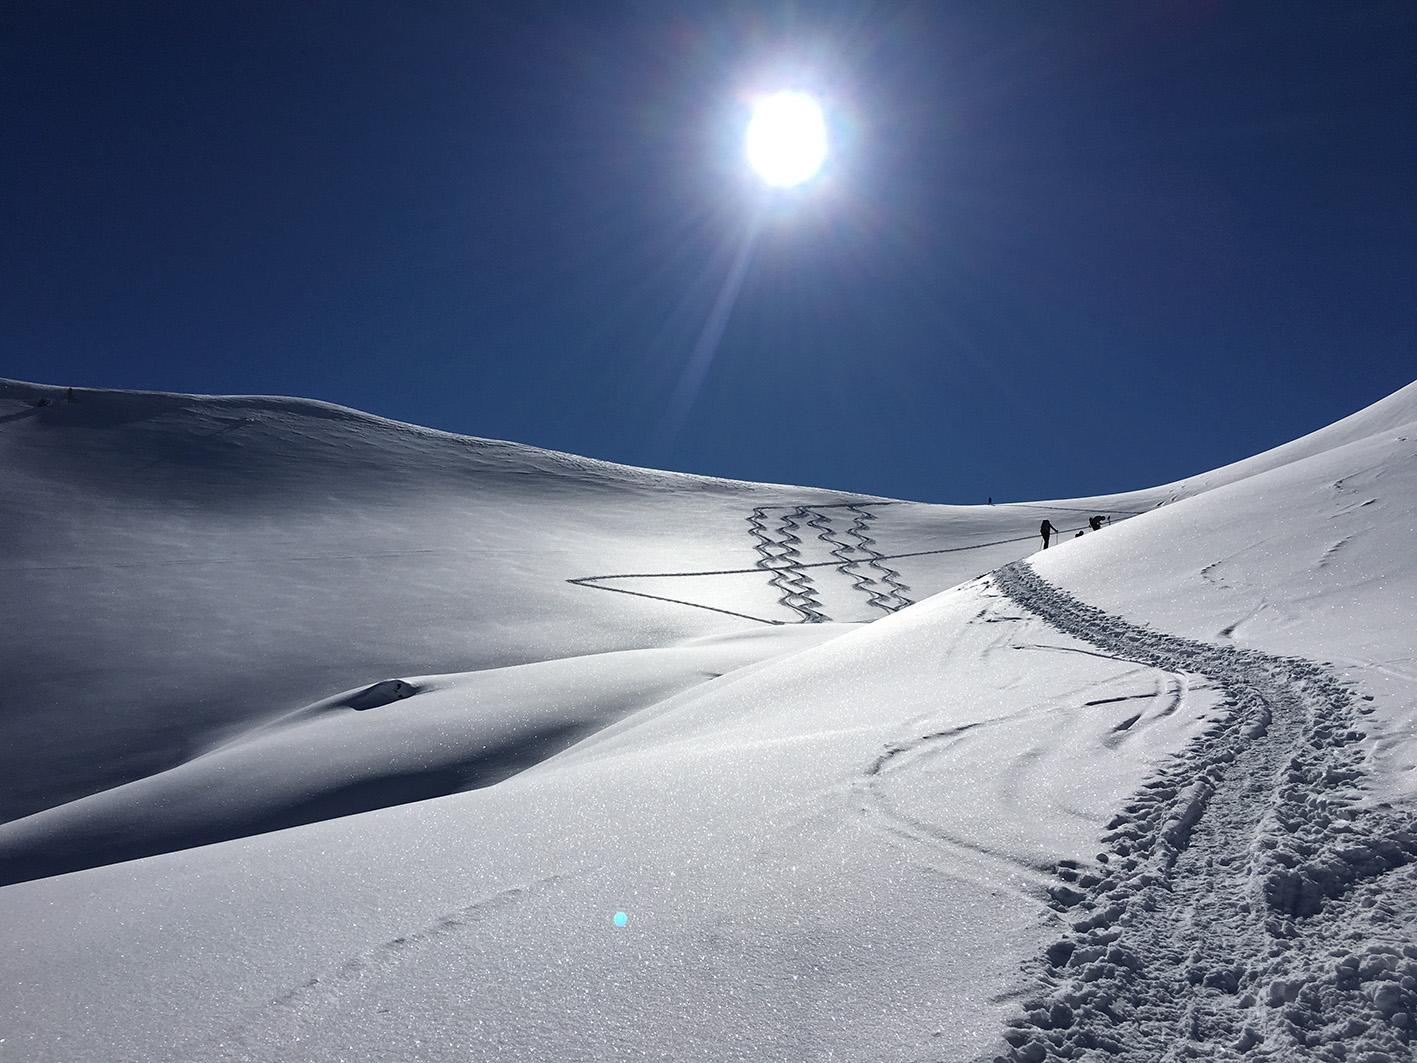 Tipps und Tricks zum Skitourengehen